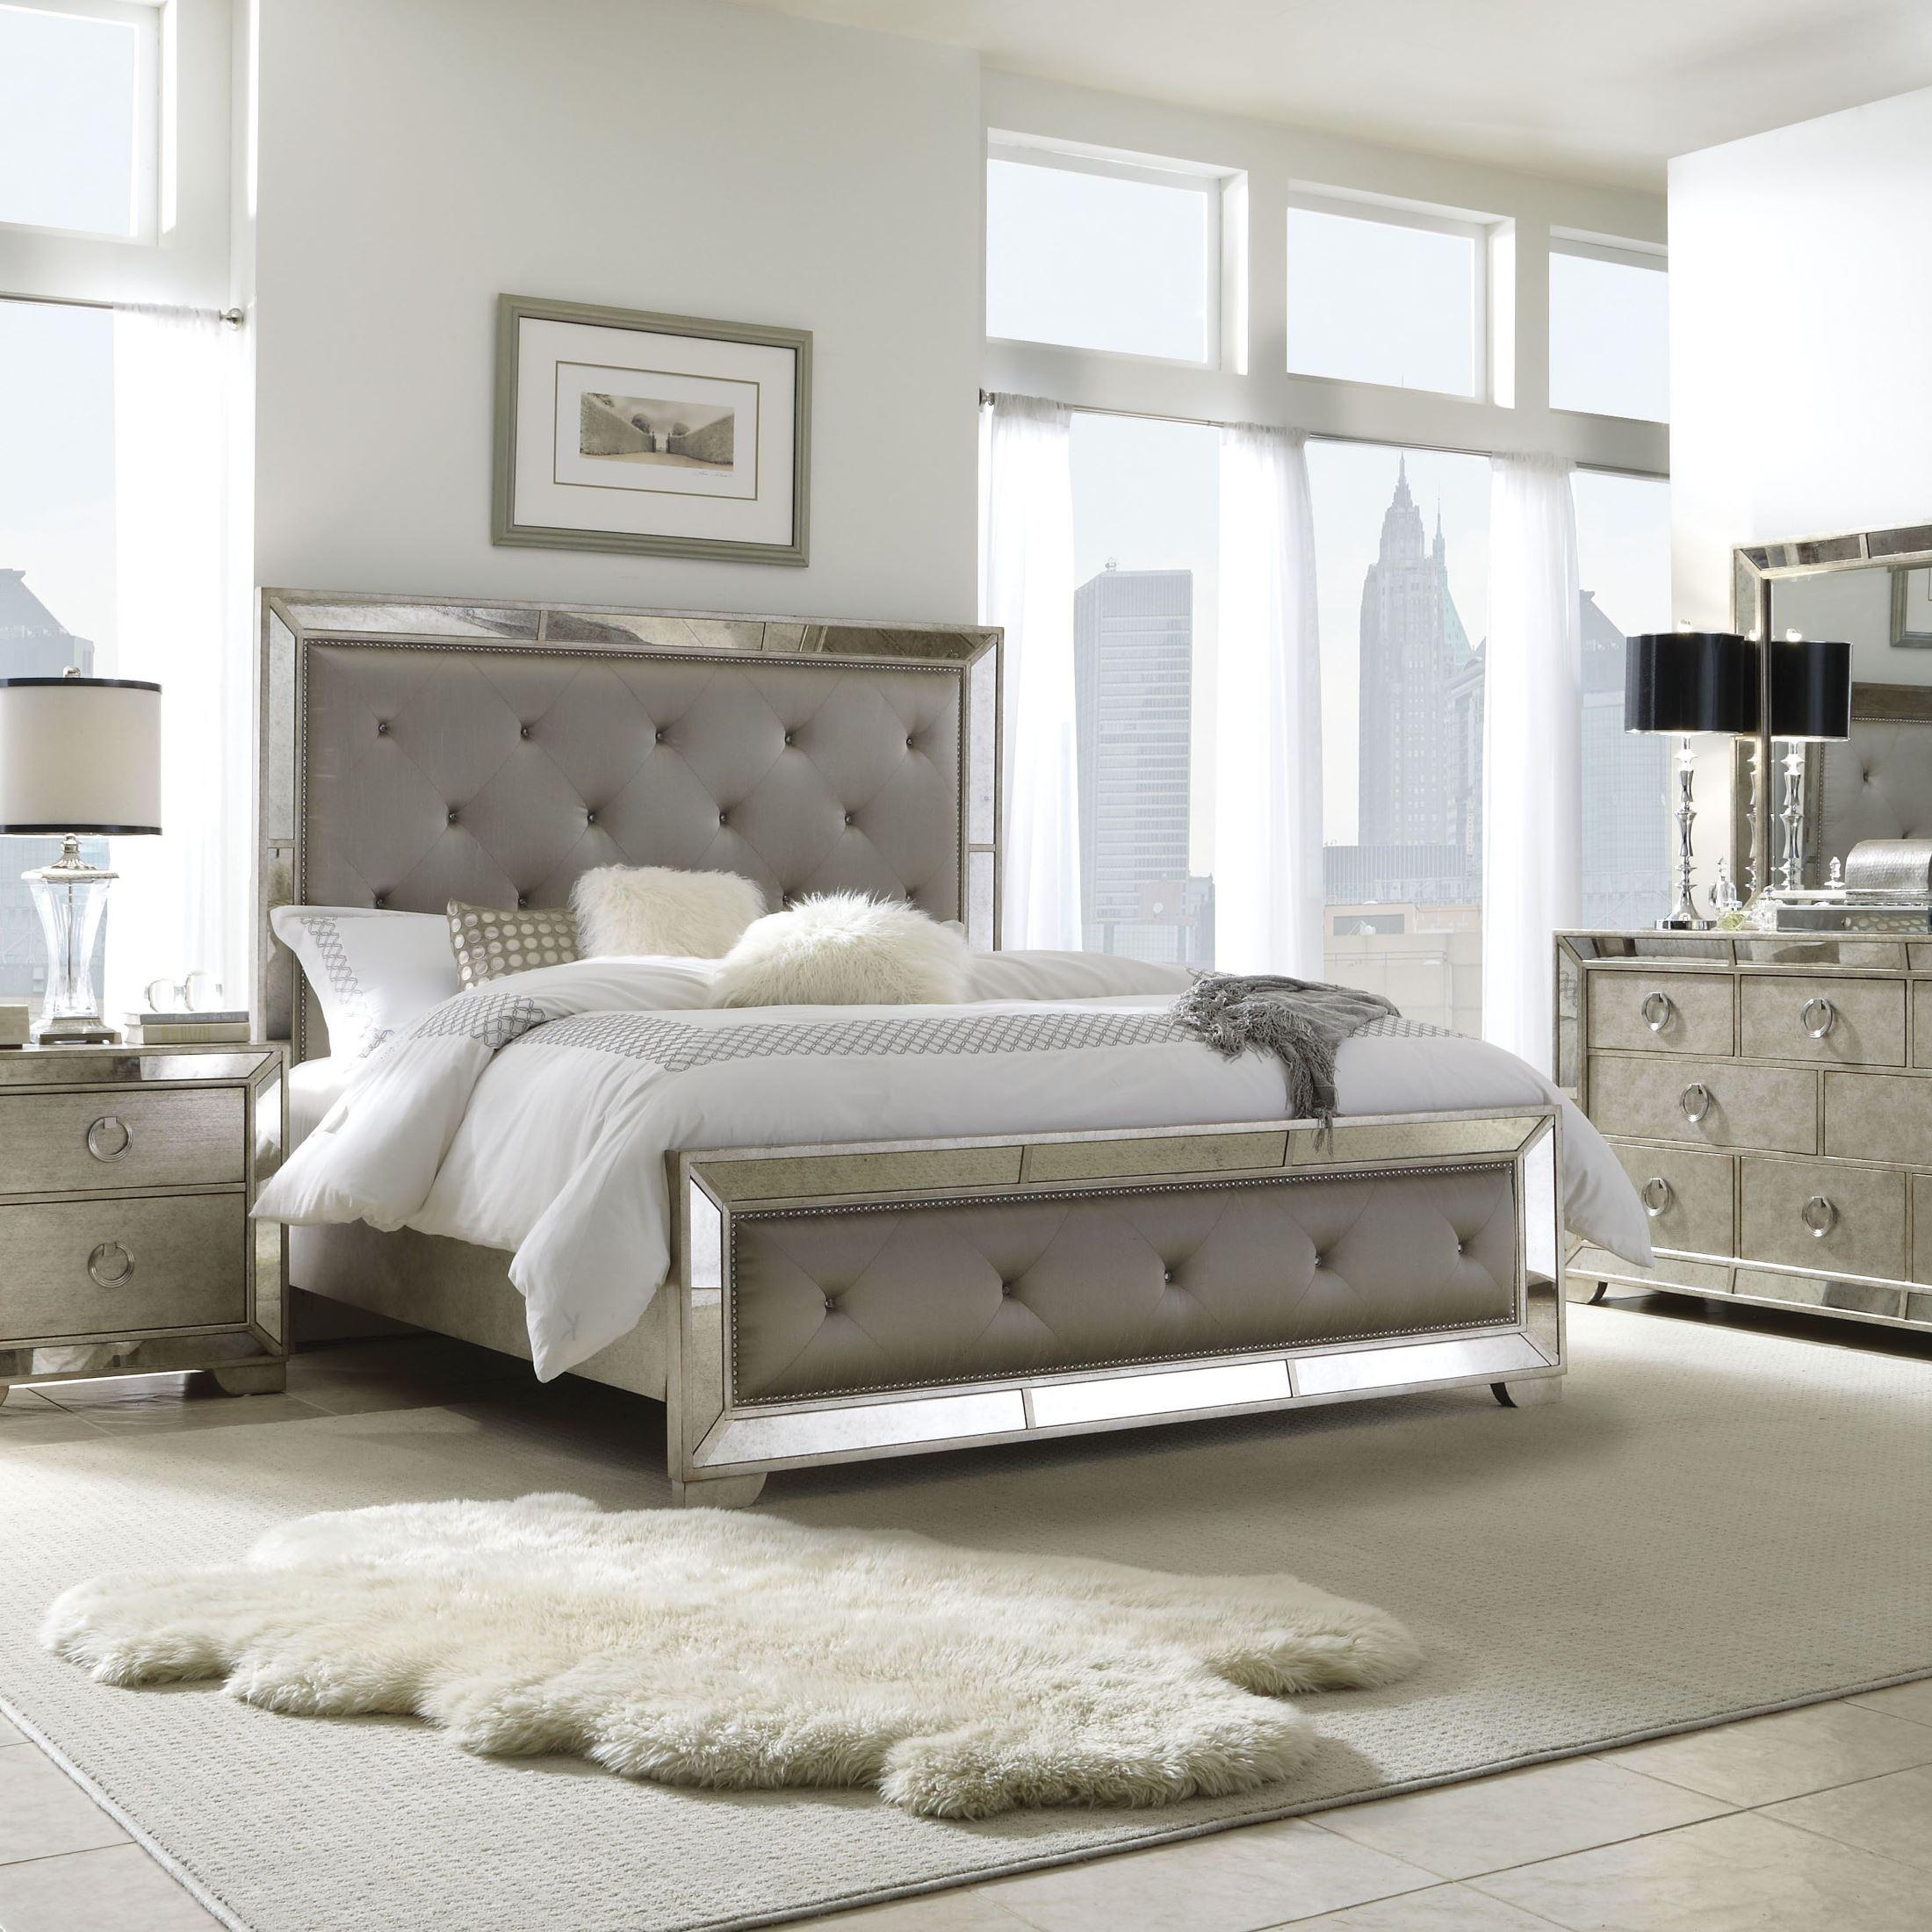 Farrah Gold King Upholstered Panel Bed From Pulaski